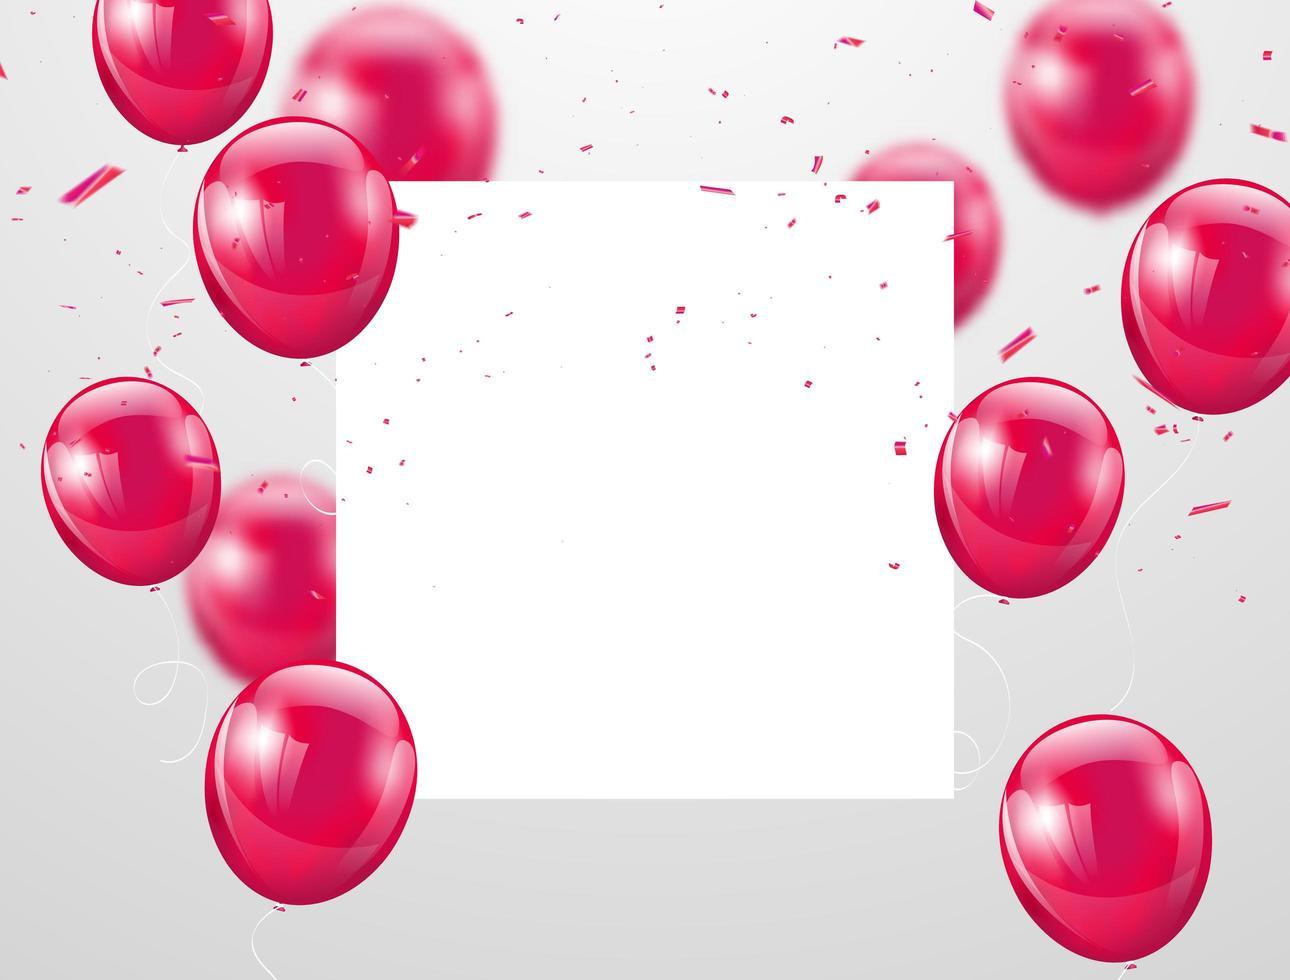 balões rosa e espaço quadrado branco para texto, fundo de celebração vetor